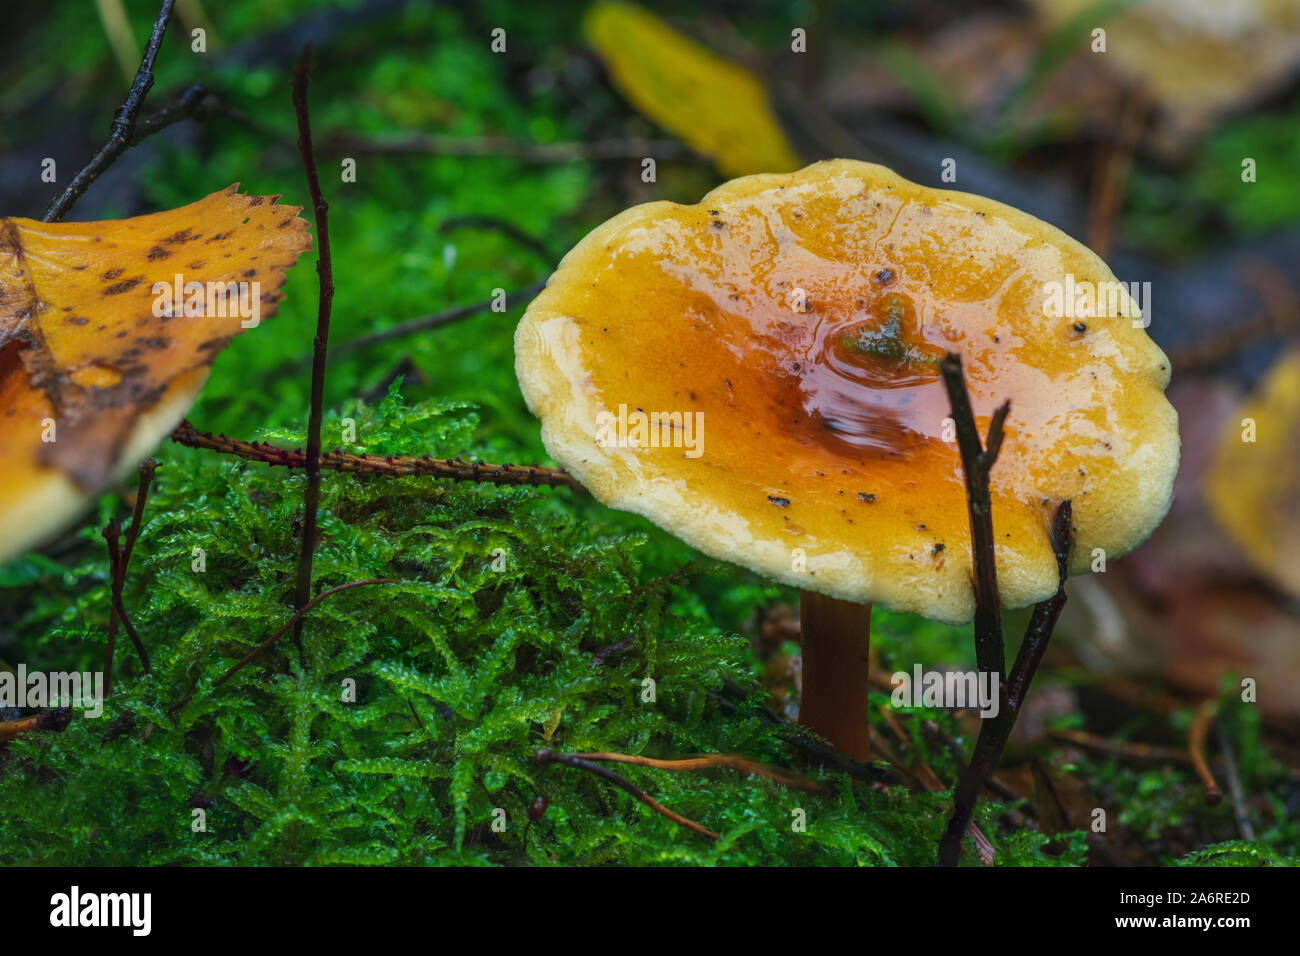 Bosco selvatico fungo cortinarius delibutus catturato in Lituania la foresta, l'Europa. Foto Stock